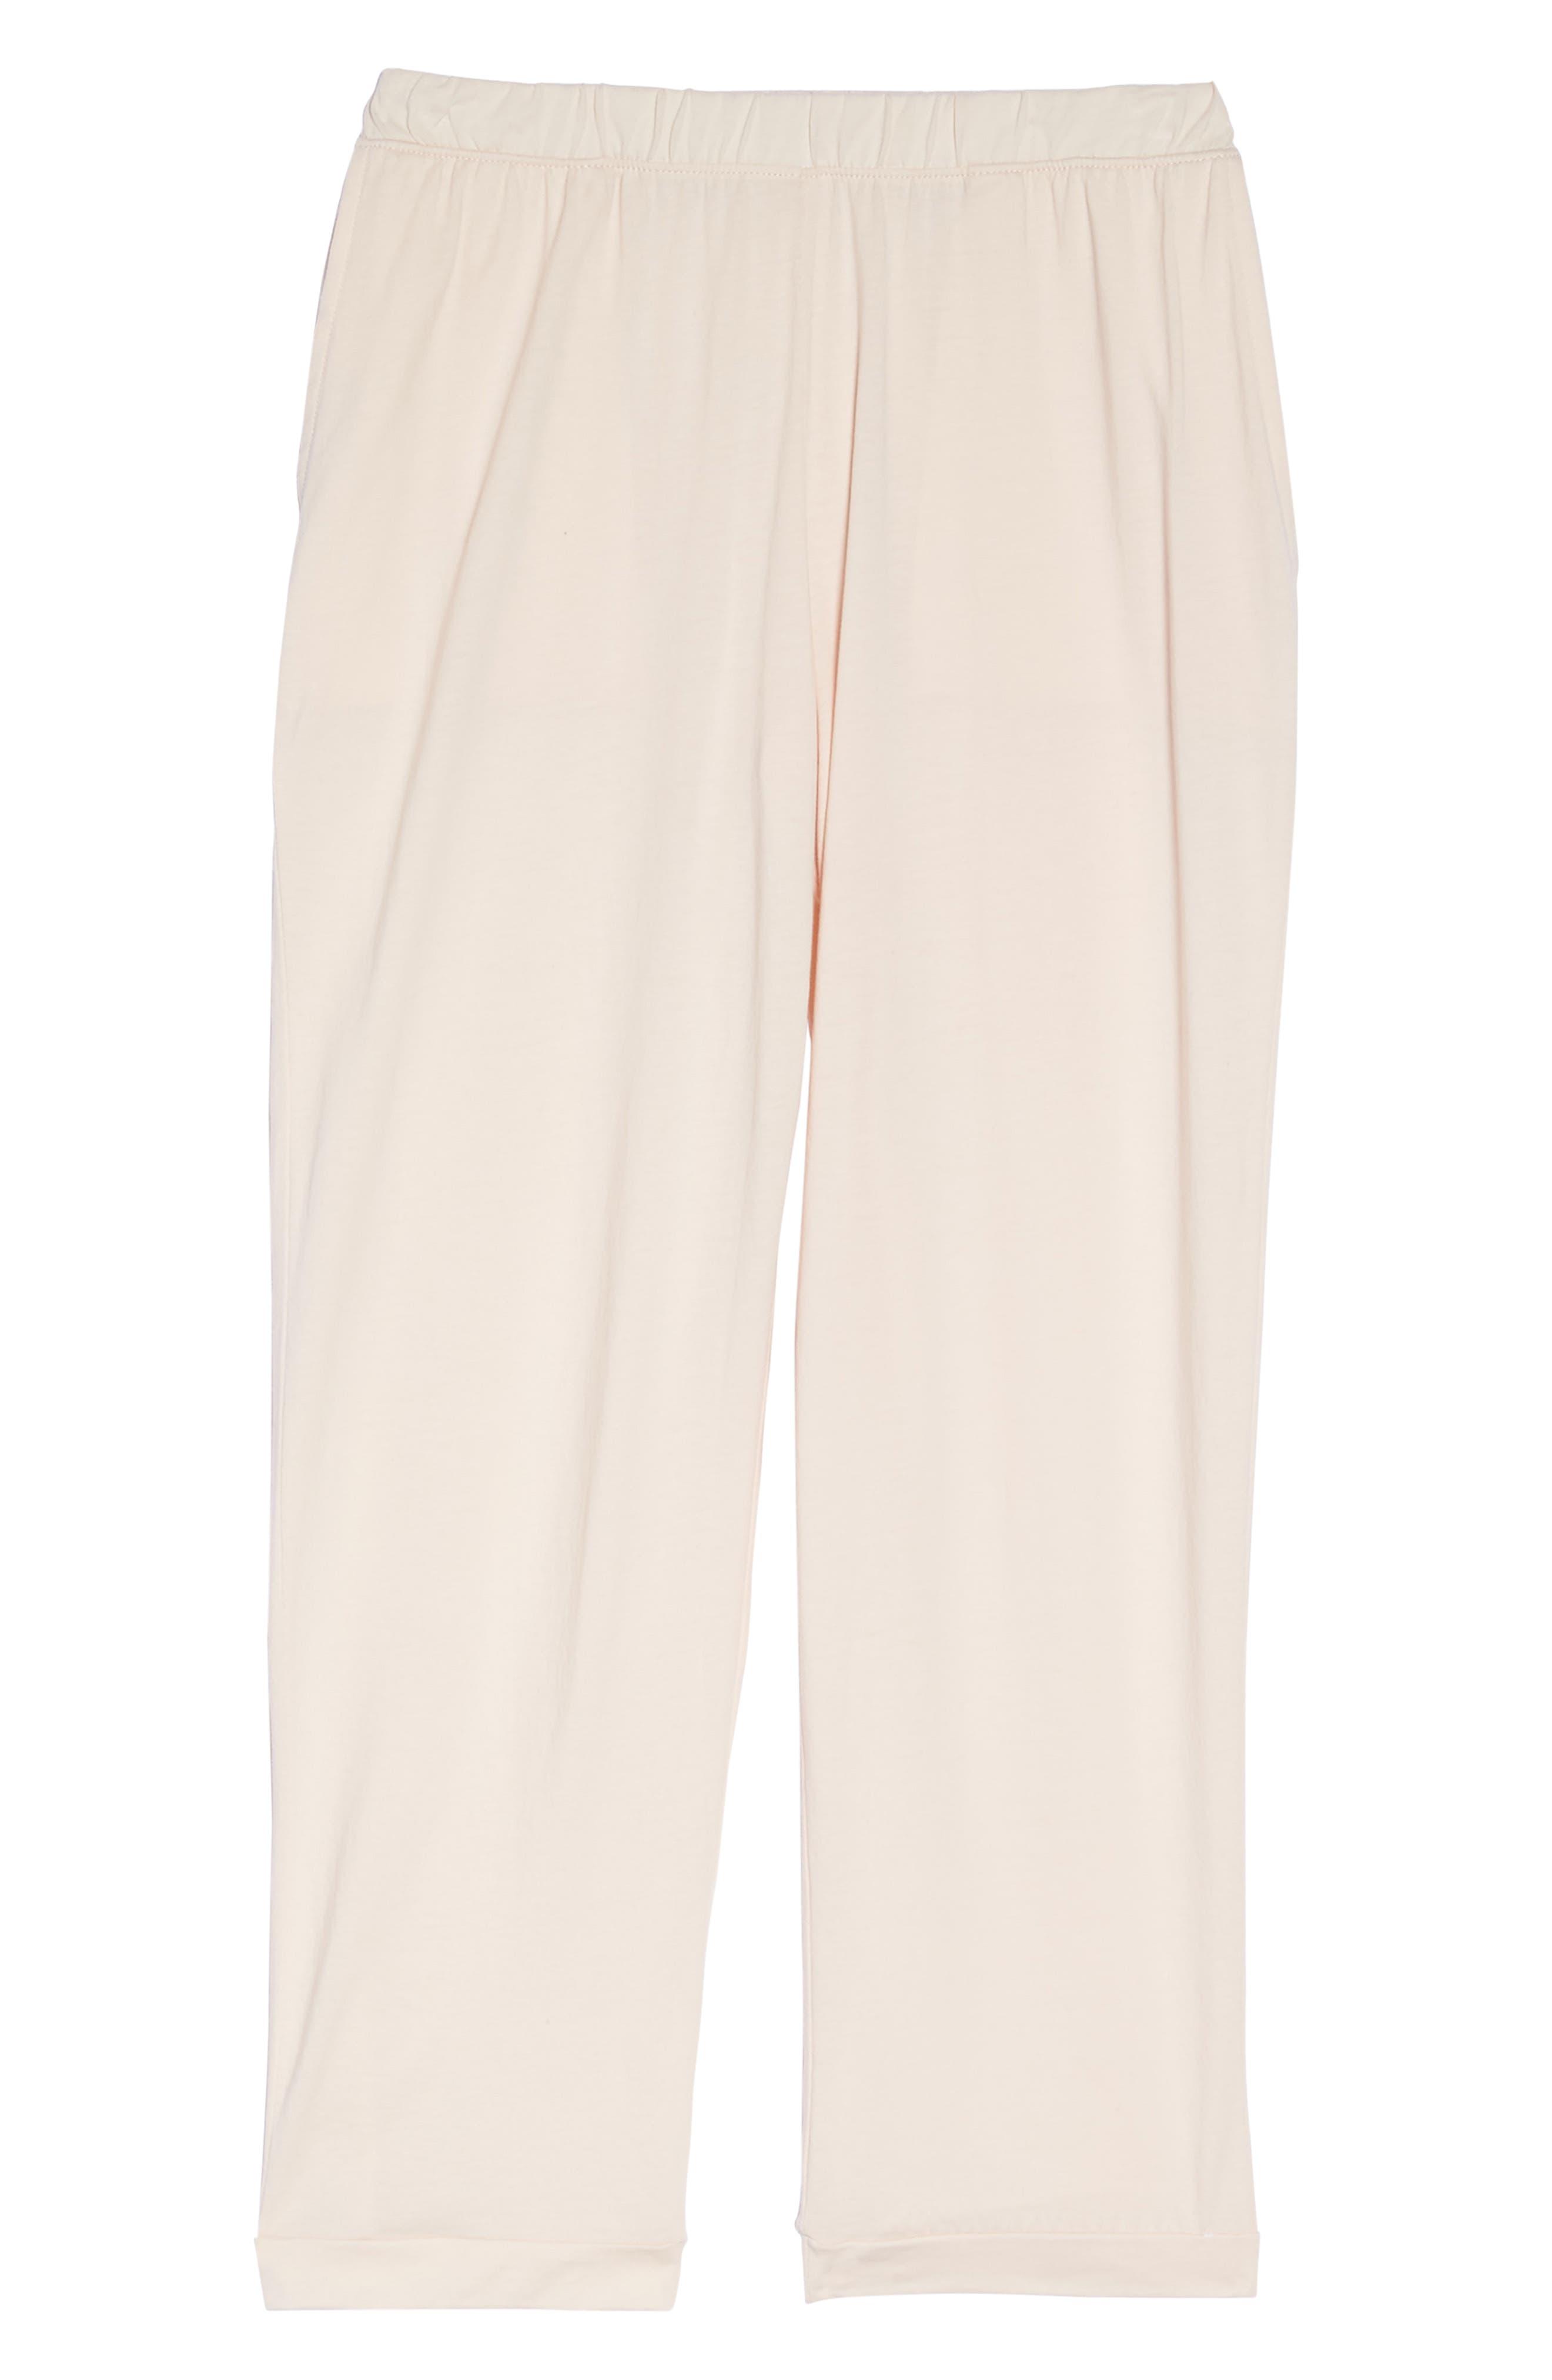 Parisa Crop Pima Cotton Lounge Pants,                             Alternate thumbnail 6, color,